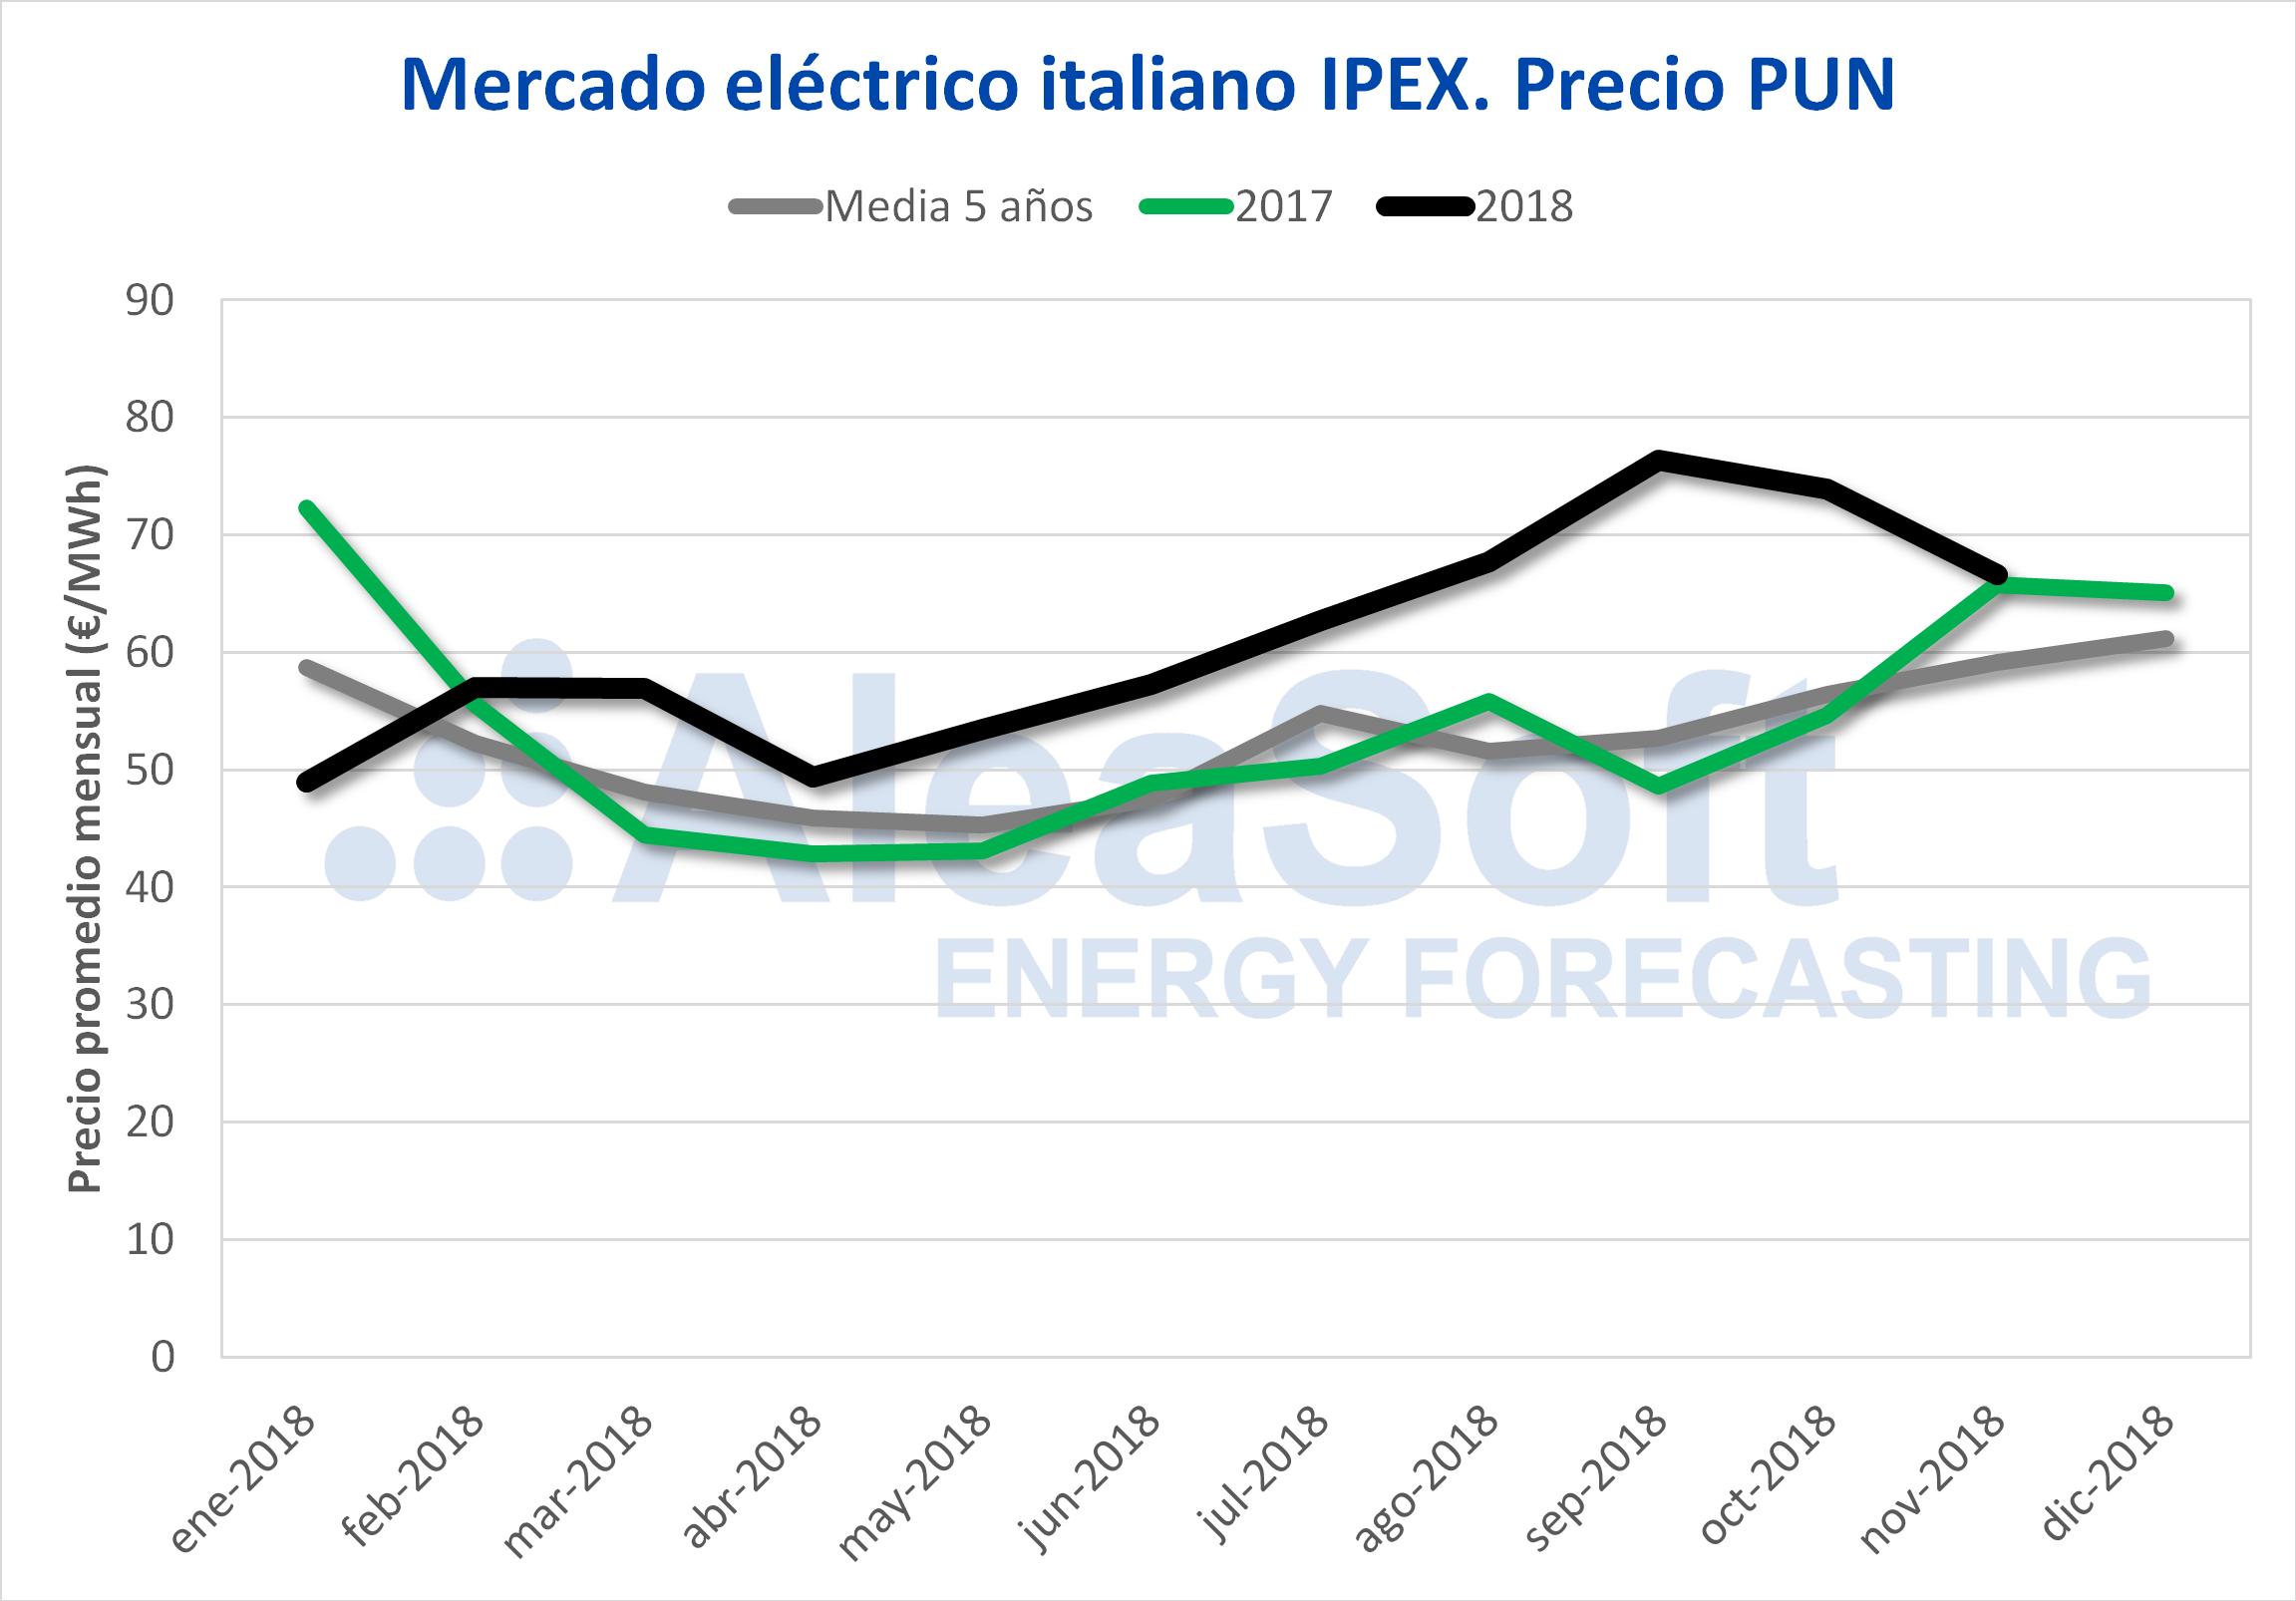 AleaSoft - Mercado eléctrico italiano